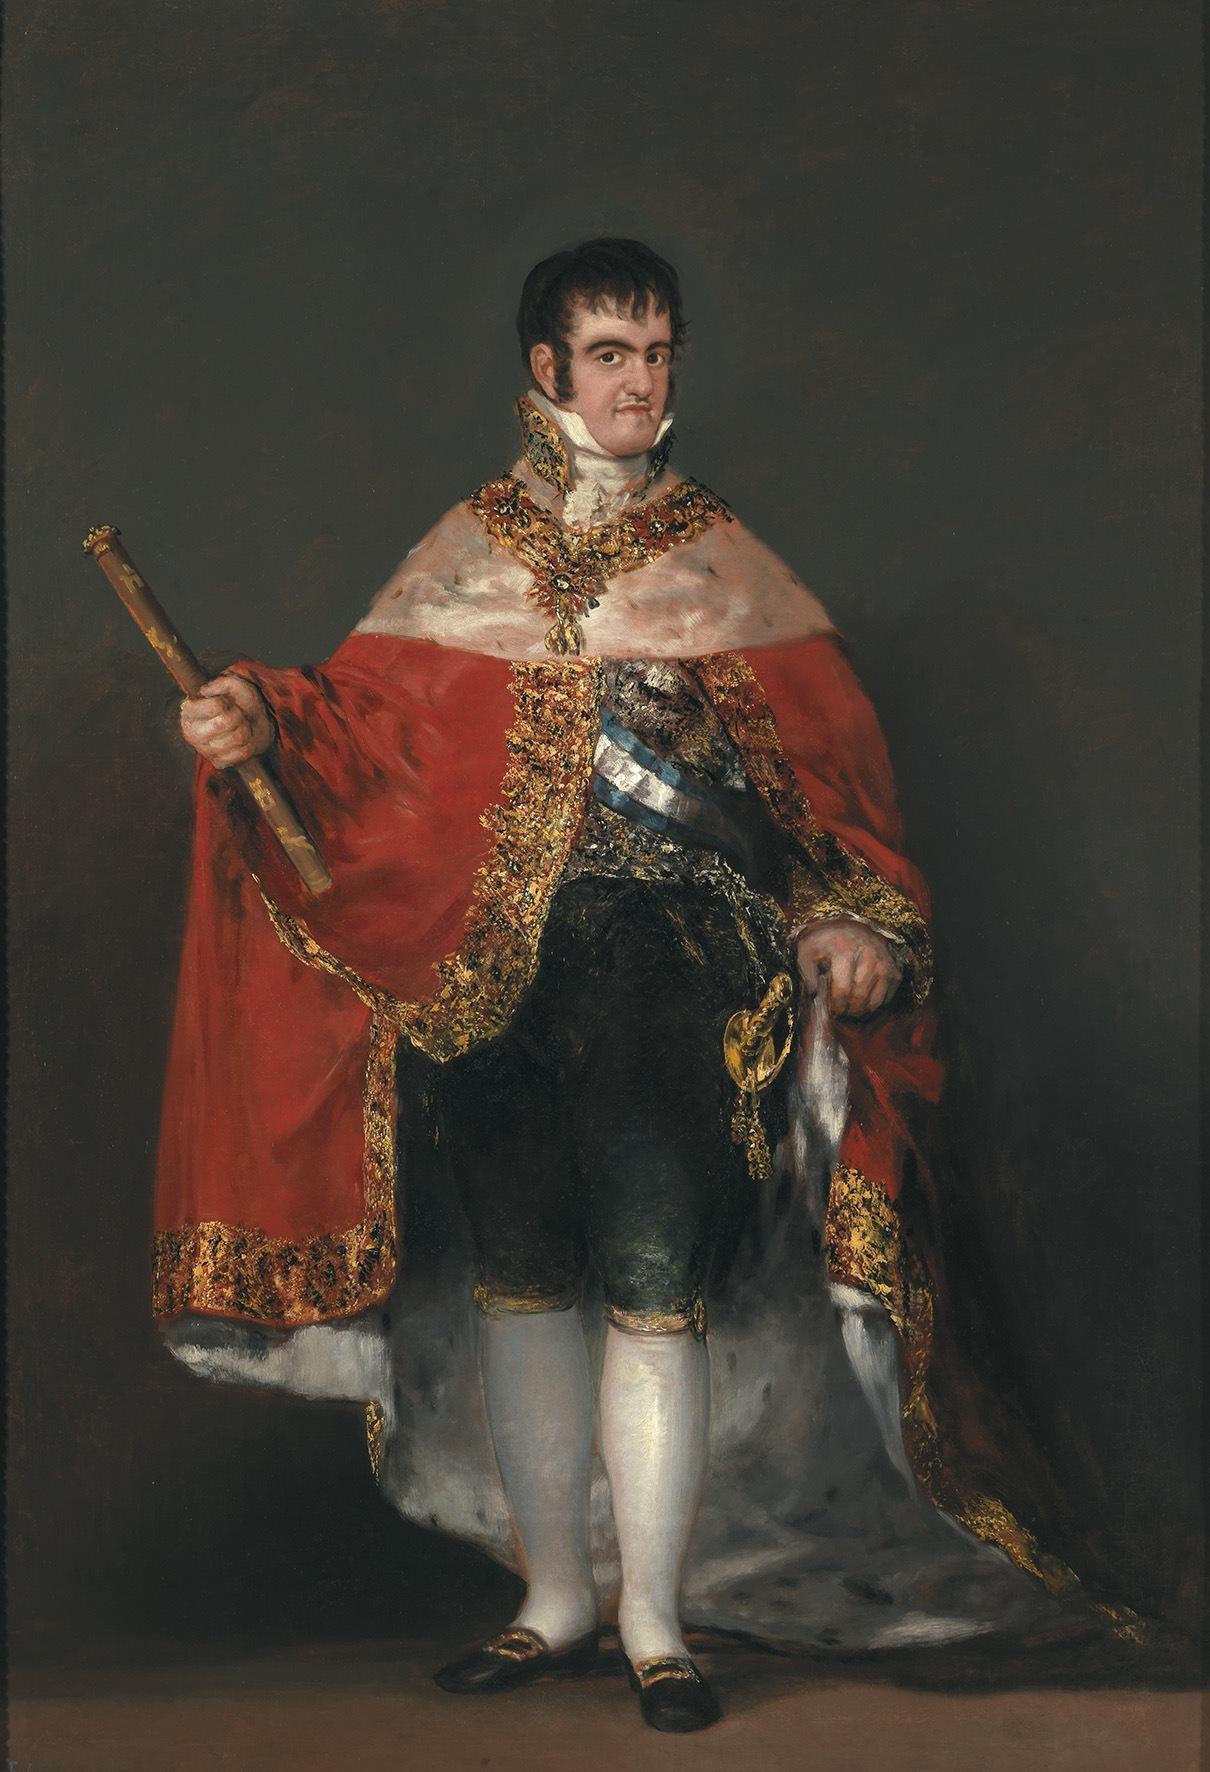 """Francisco de Goya, """"Ferdinand VII in Court Dress"""" (1814–15) (© Museo Nacional del Prado, Madrid)"""